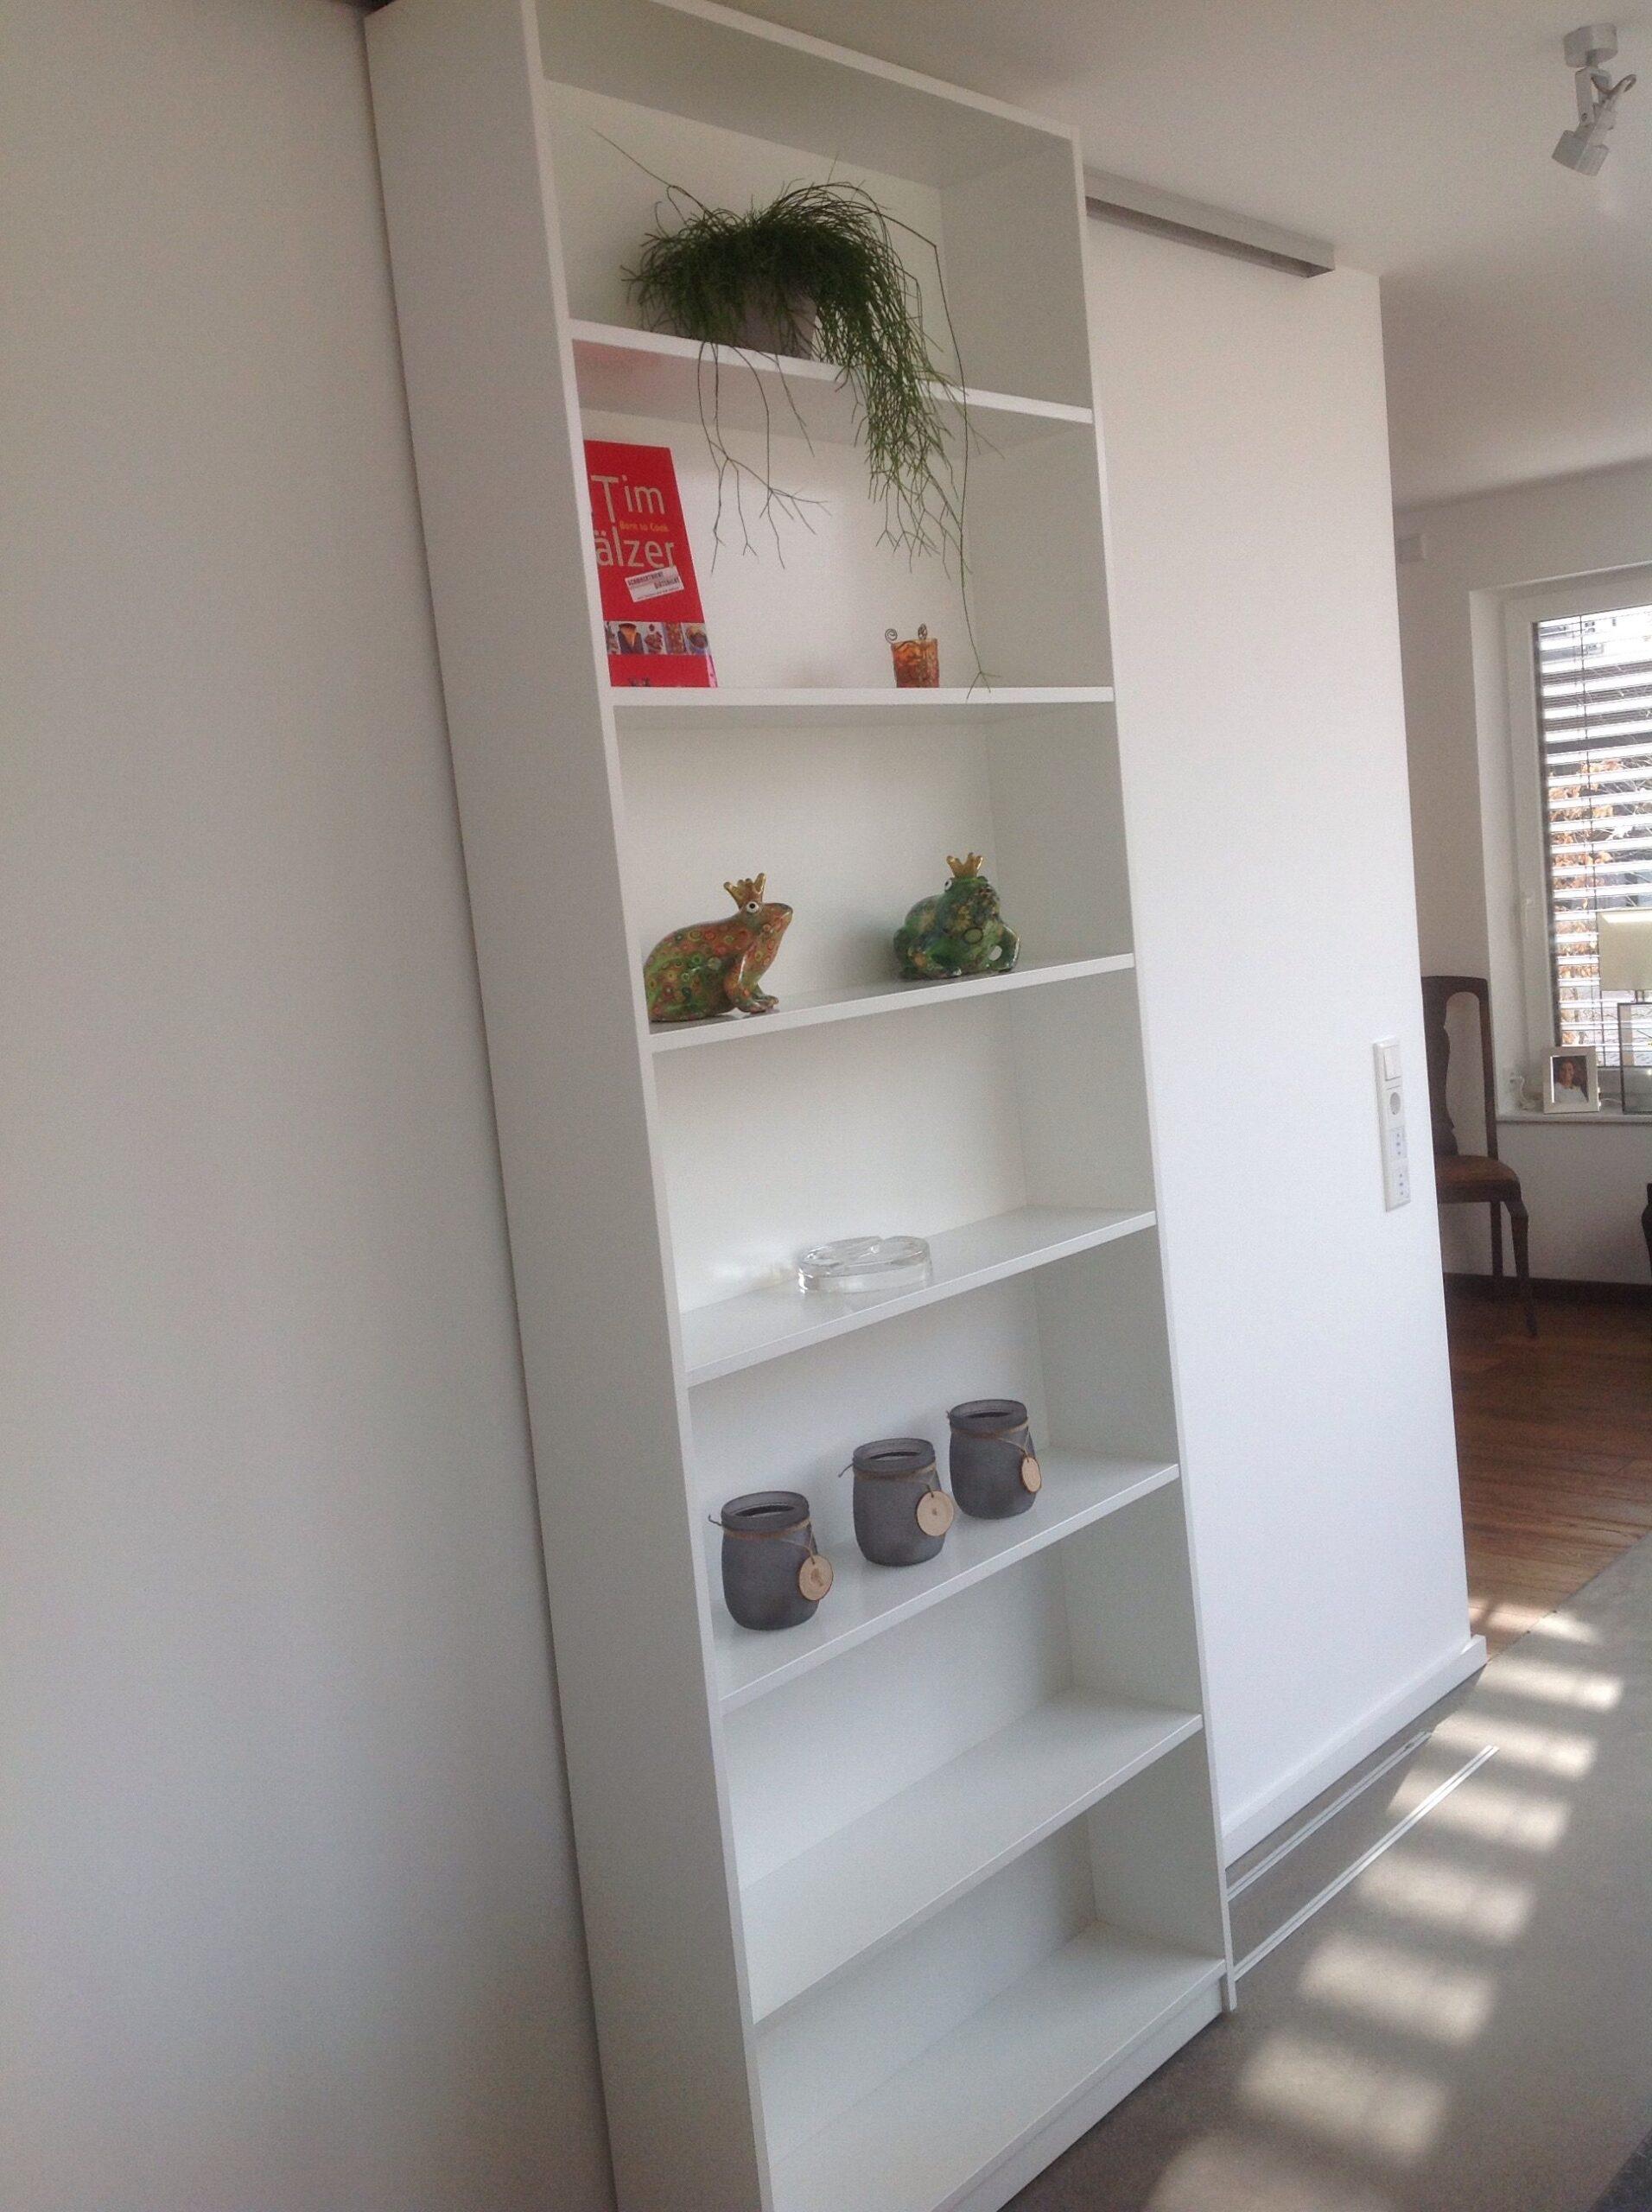 Full Size of Ikea Hauswirtschaftsraum Planen Abstellraum Einrichten Badezimmer Sofa Mit Schlaffunktion Modulküche Küche Kaufen Betten Bei Miniküche Kosten Kostenlos Bad Wohnzimmer Ikea Hauswirtschaftsraum Planen